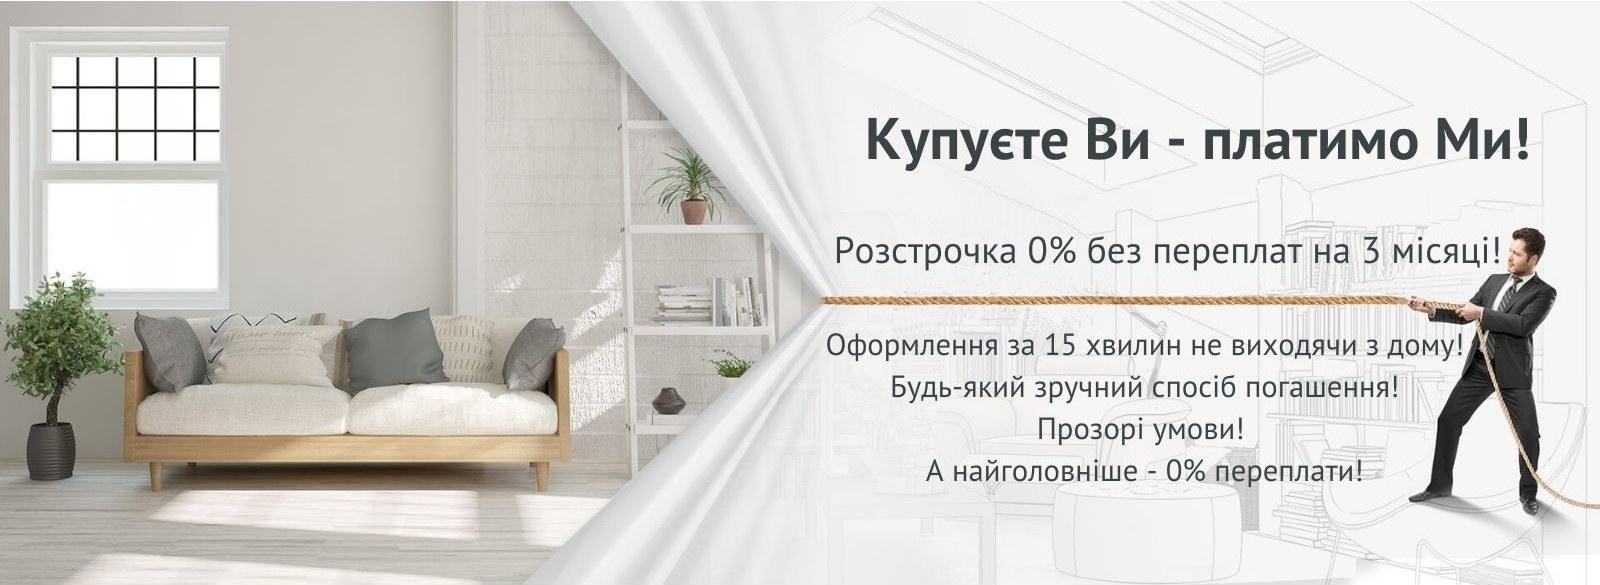 Меблі в кредит